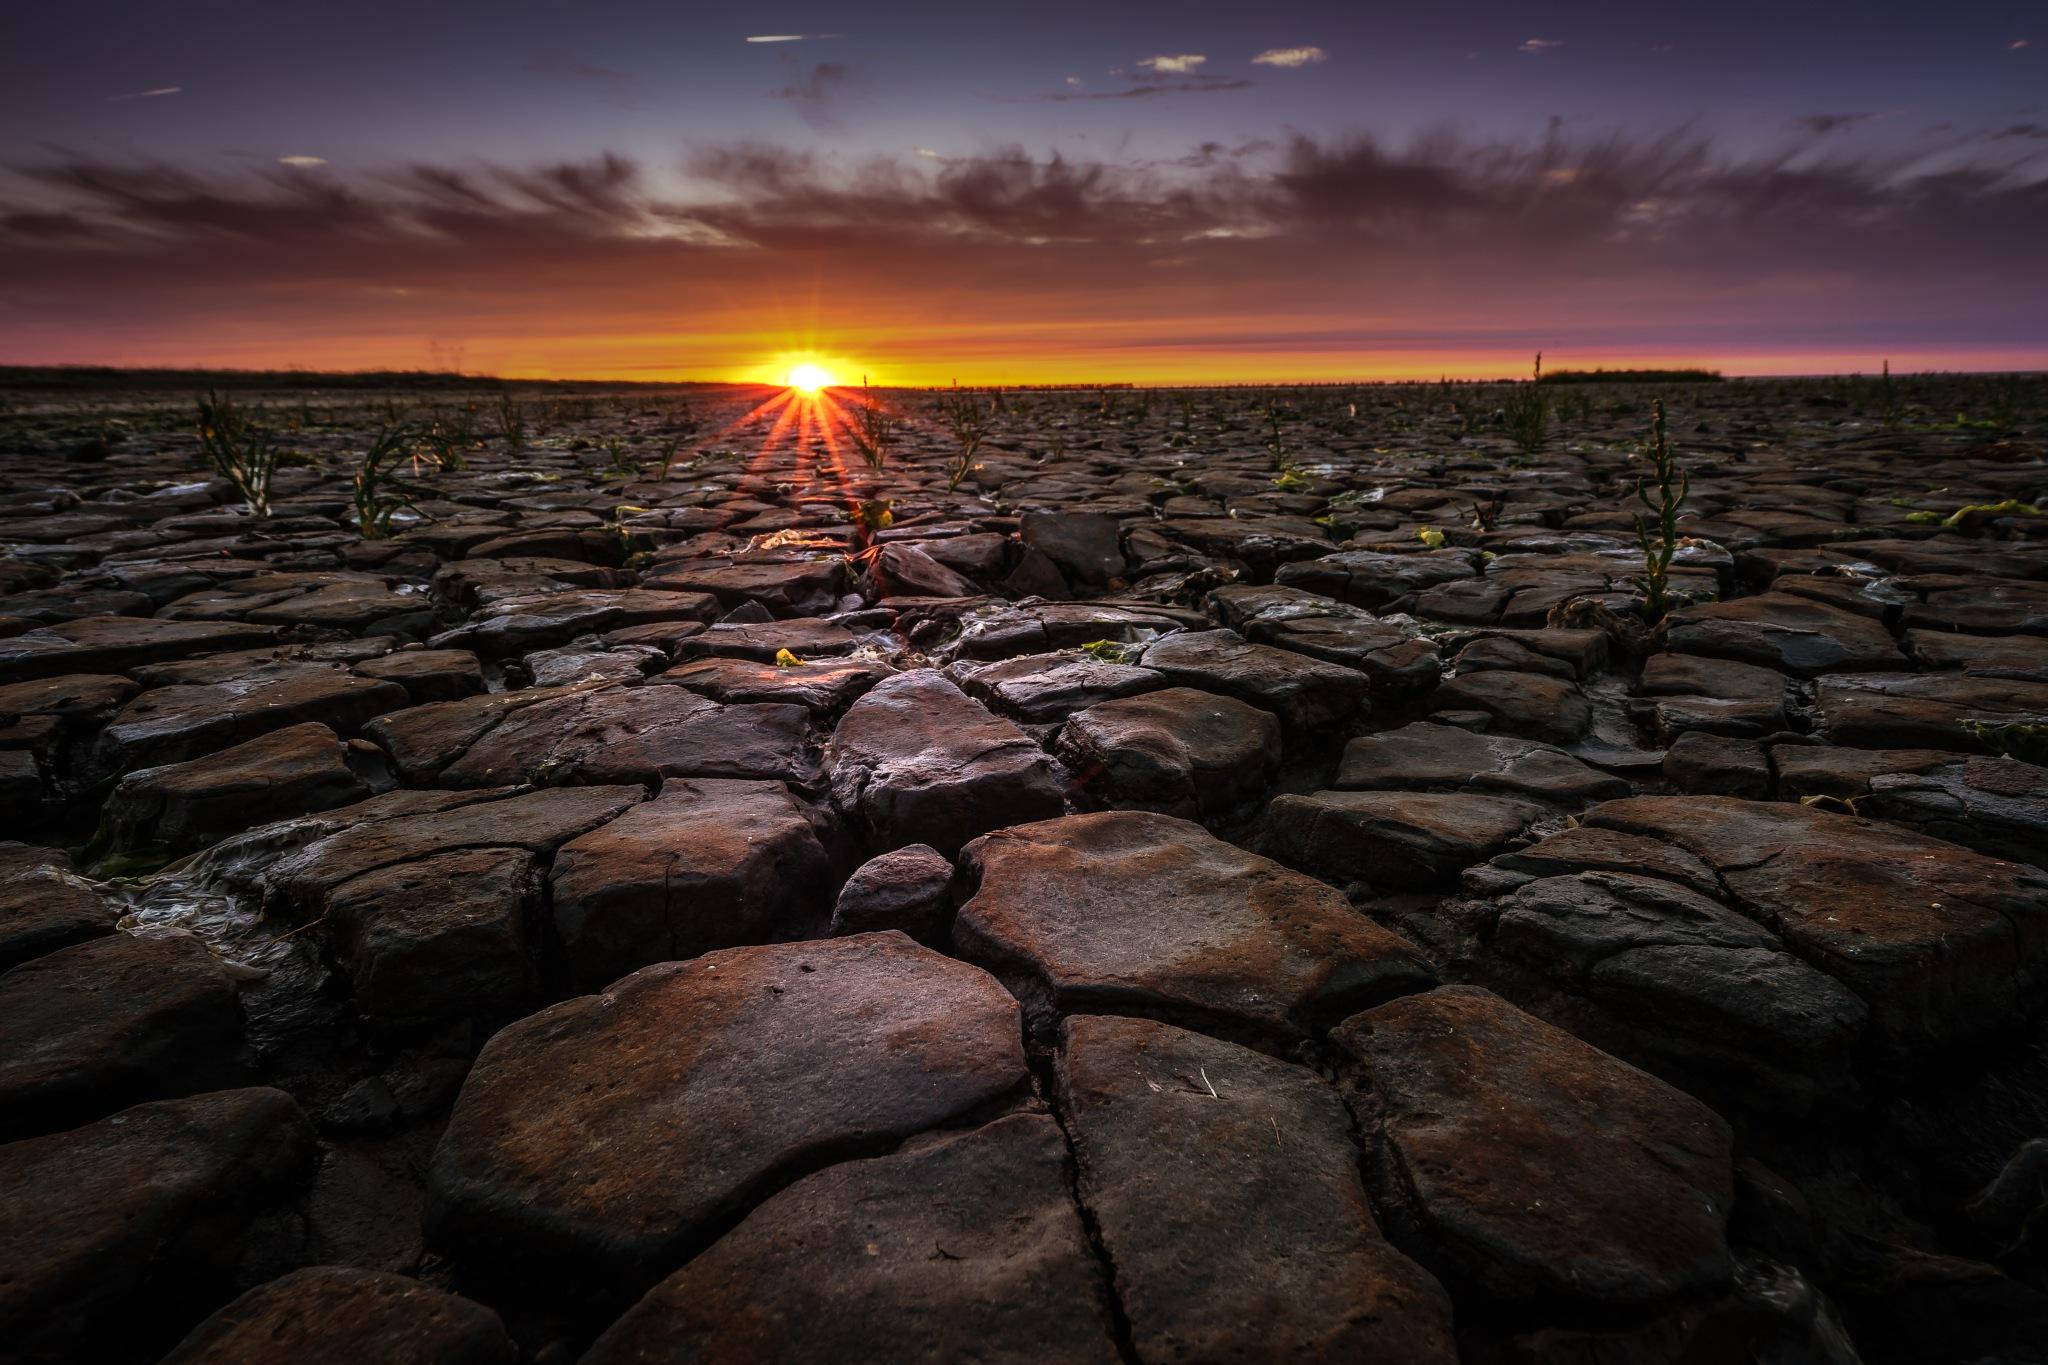 Dutch Death Valley by Mario Calma